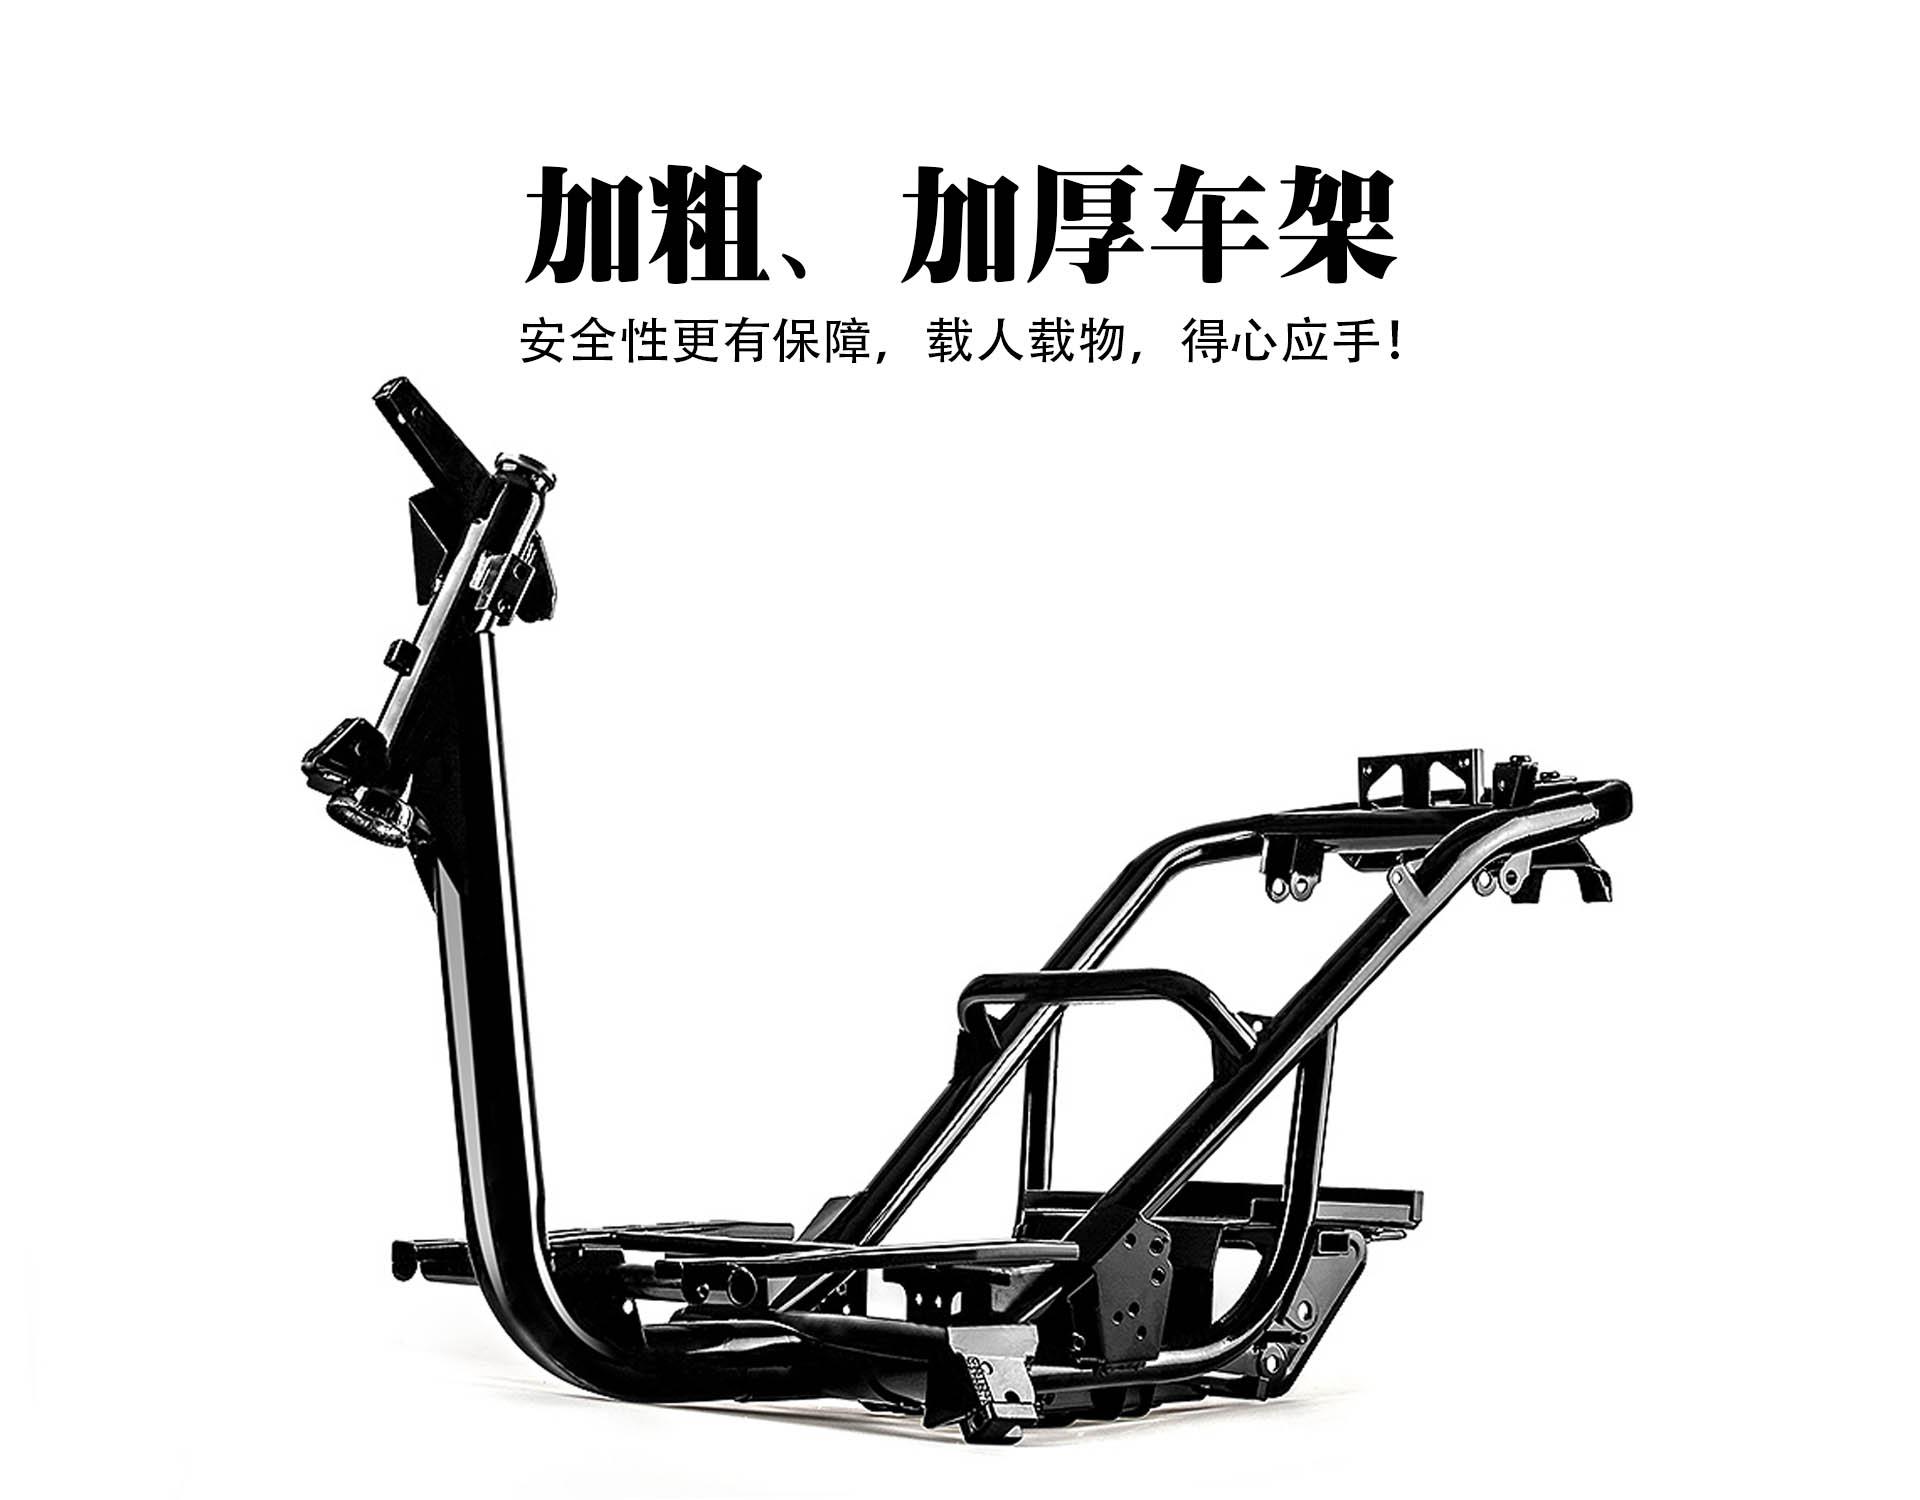 泰州职业杰宝大王电动车销售厂家,杰宝大王电动车